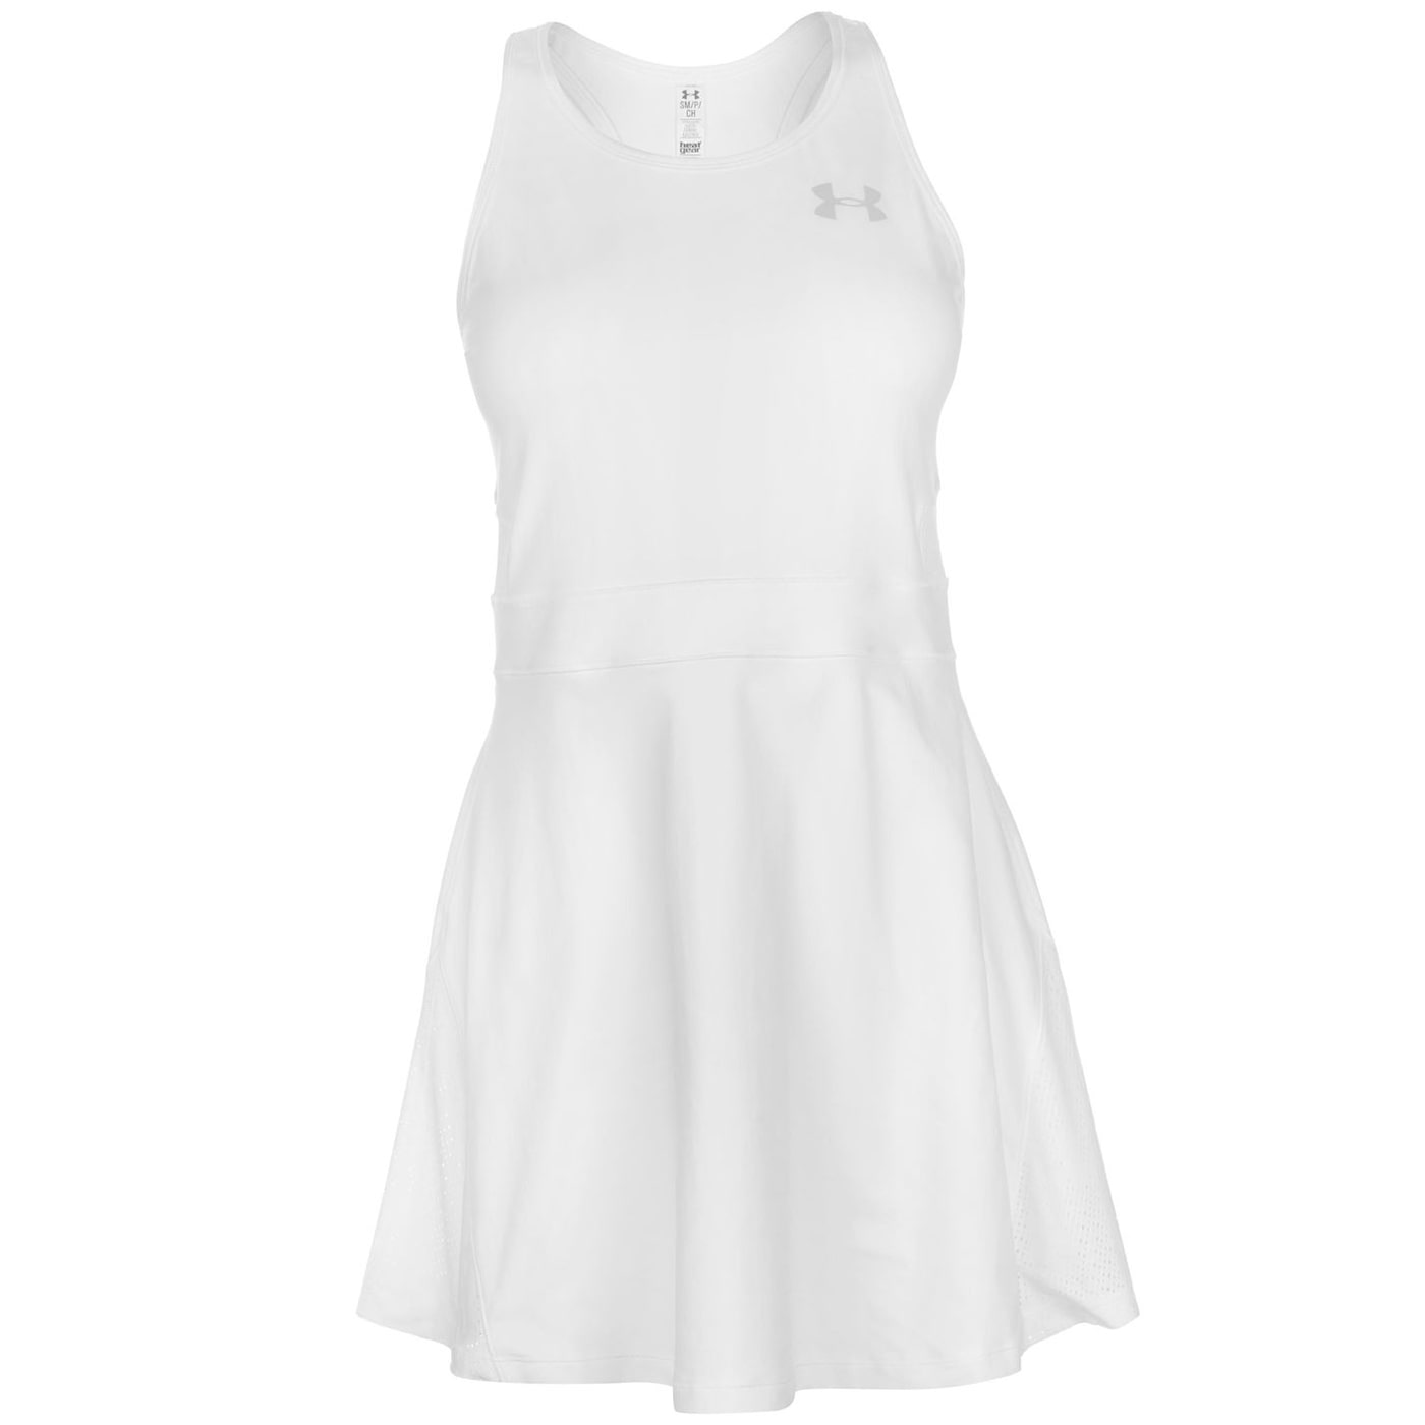 Under Armour dámske tenisové šaty